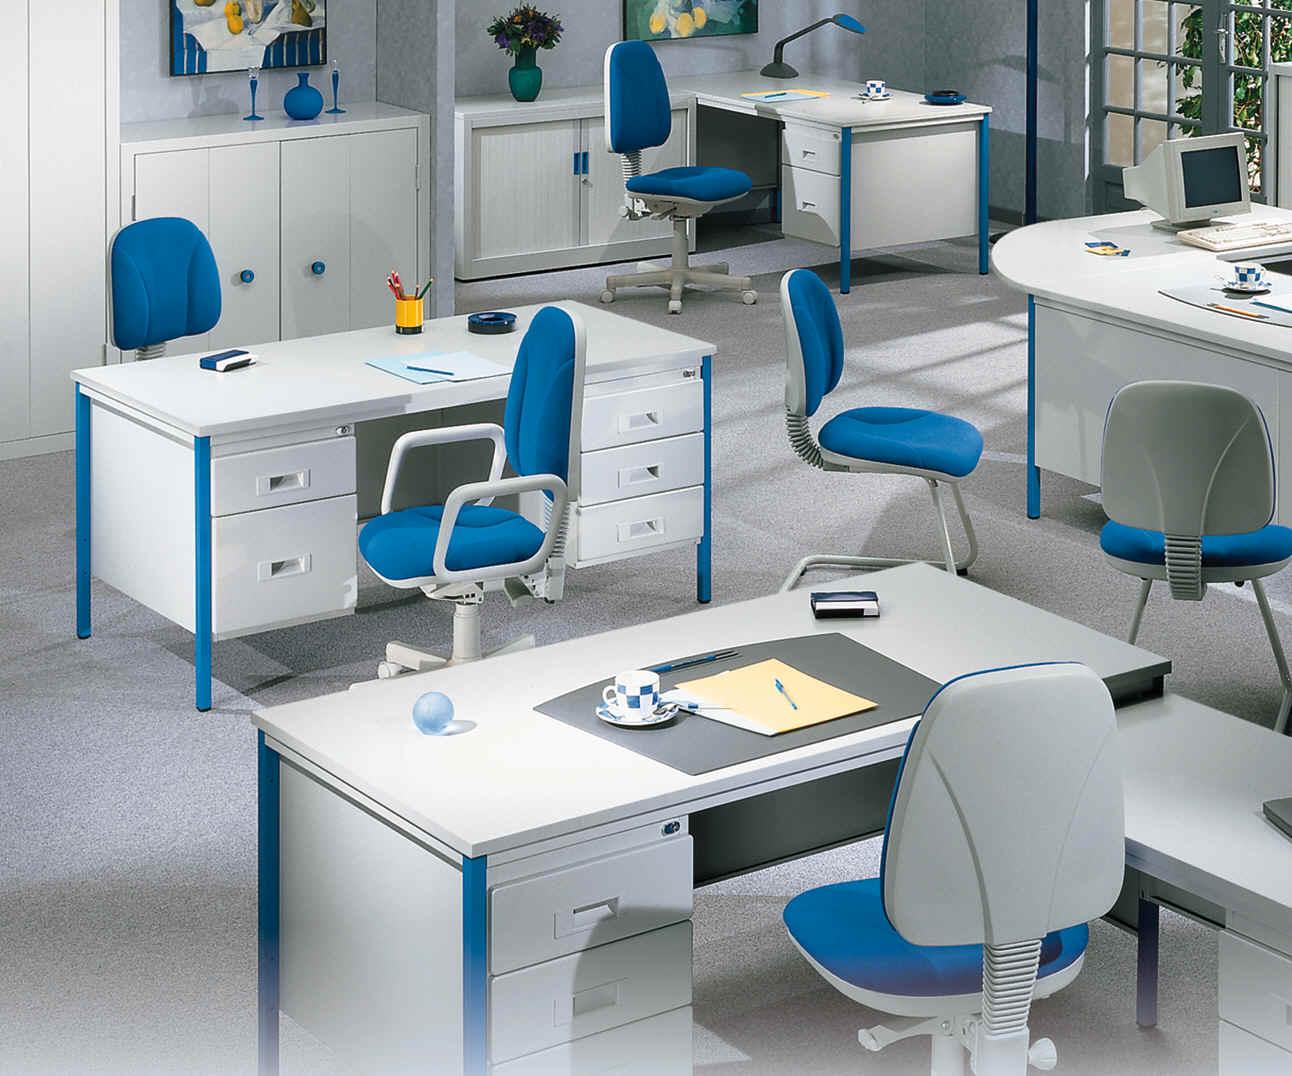 ofis-mobilyaları-modoko